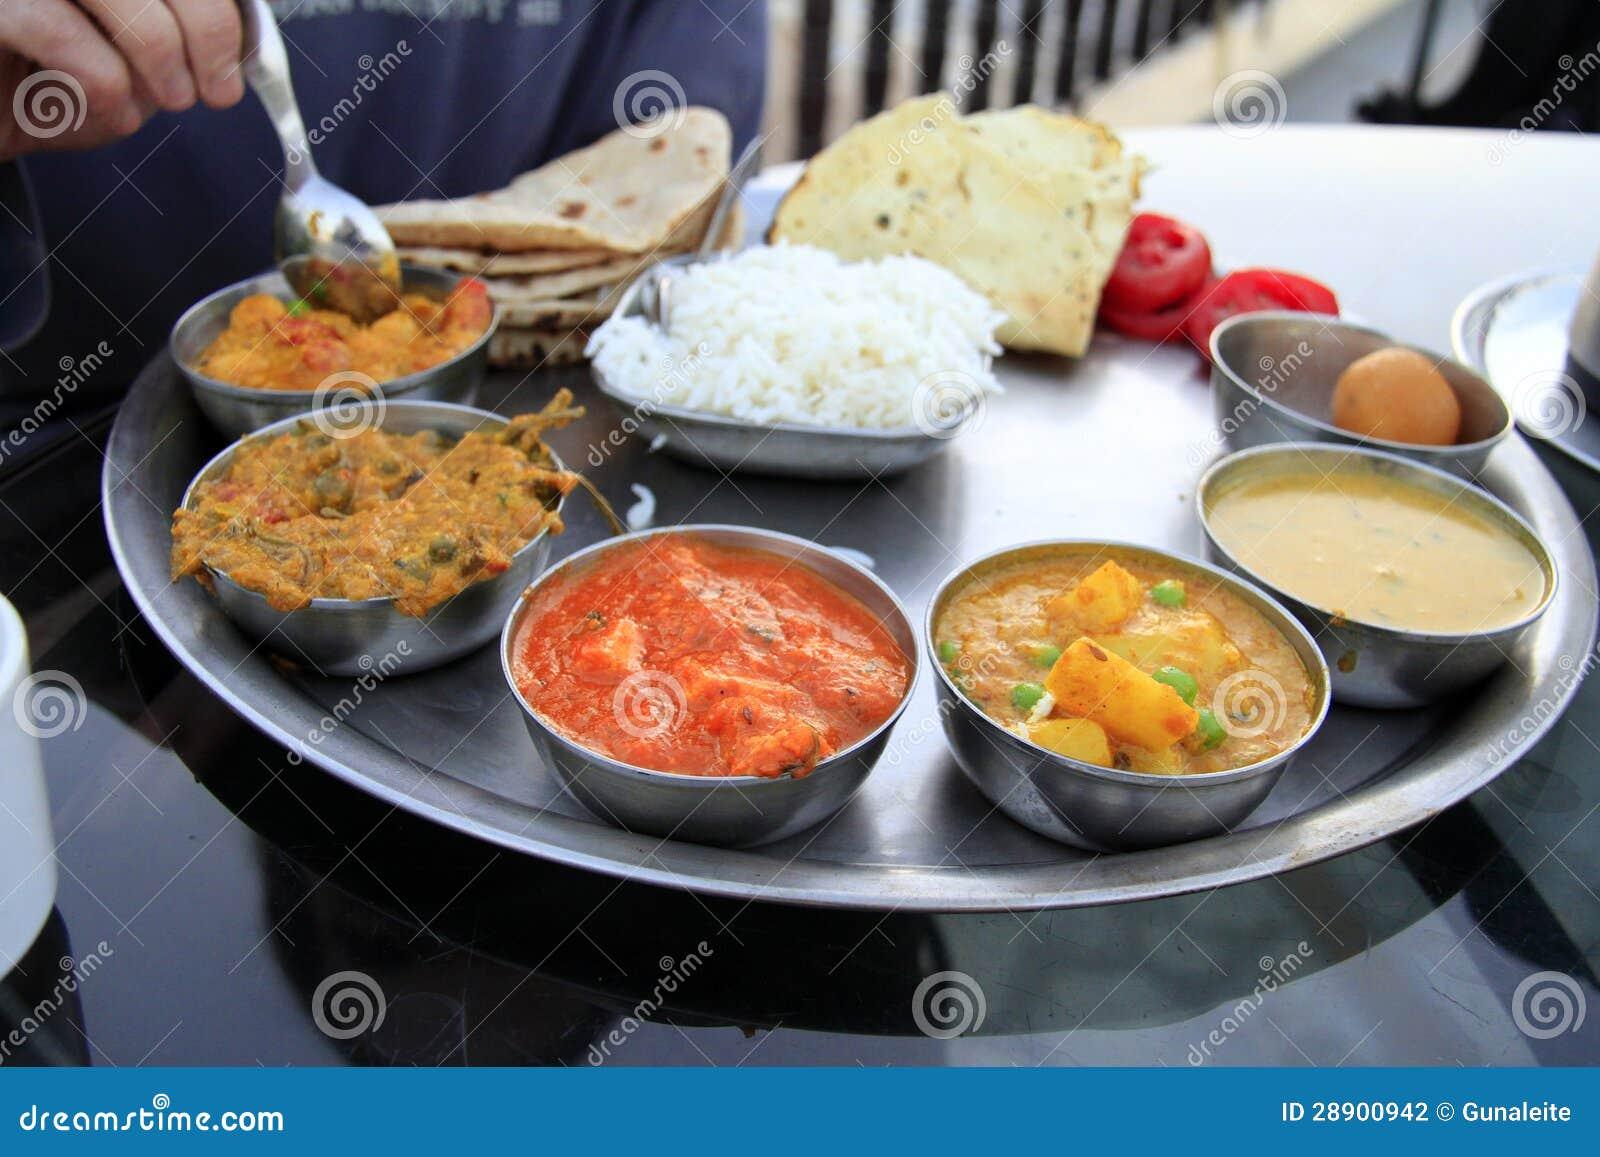 Traditionelle Indische Mahlzeit - Thali Stockfoto - Bild von ...